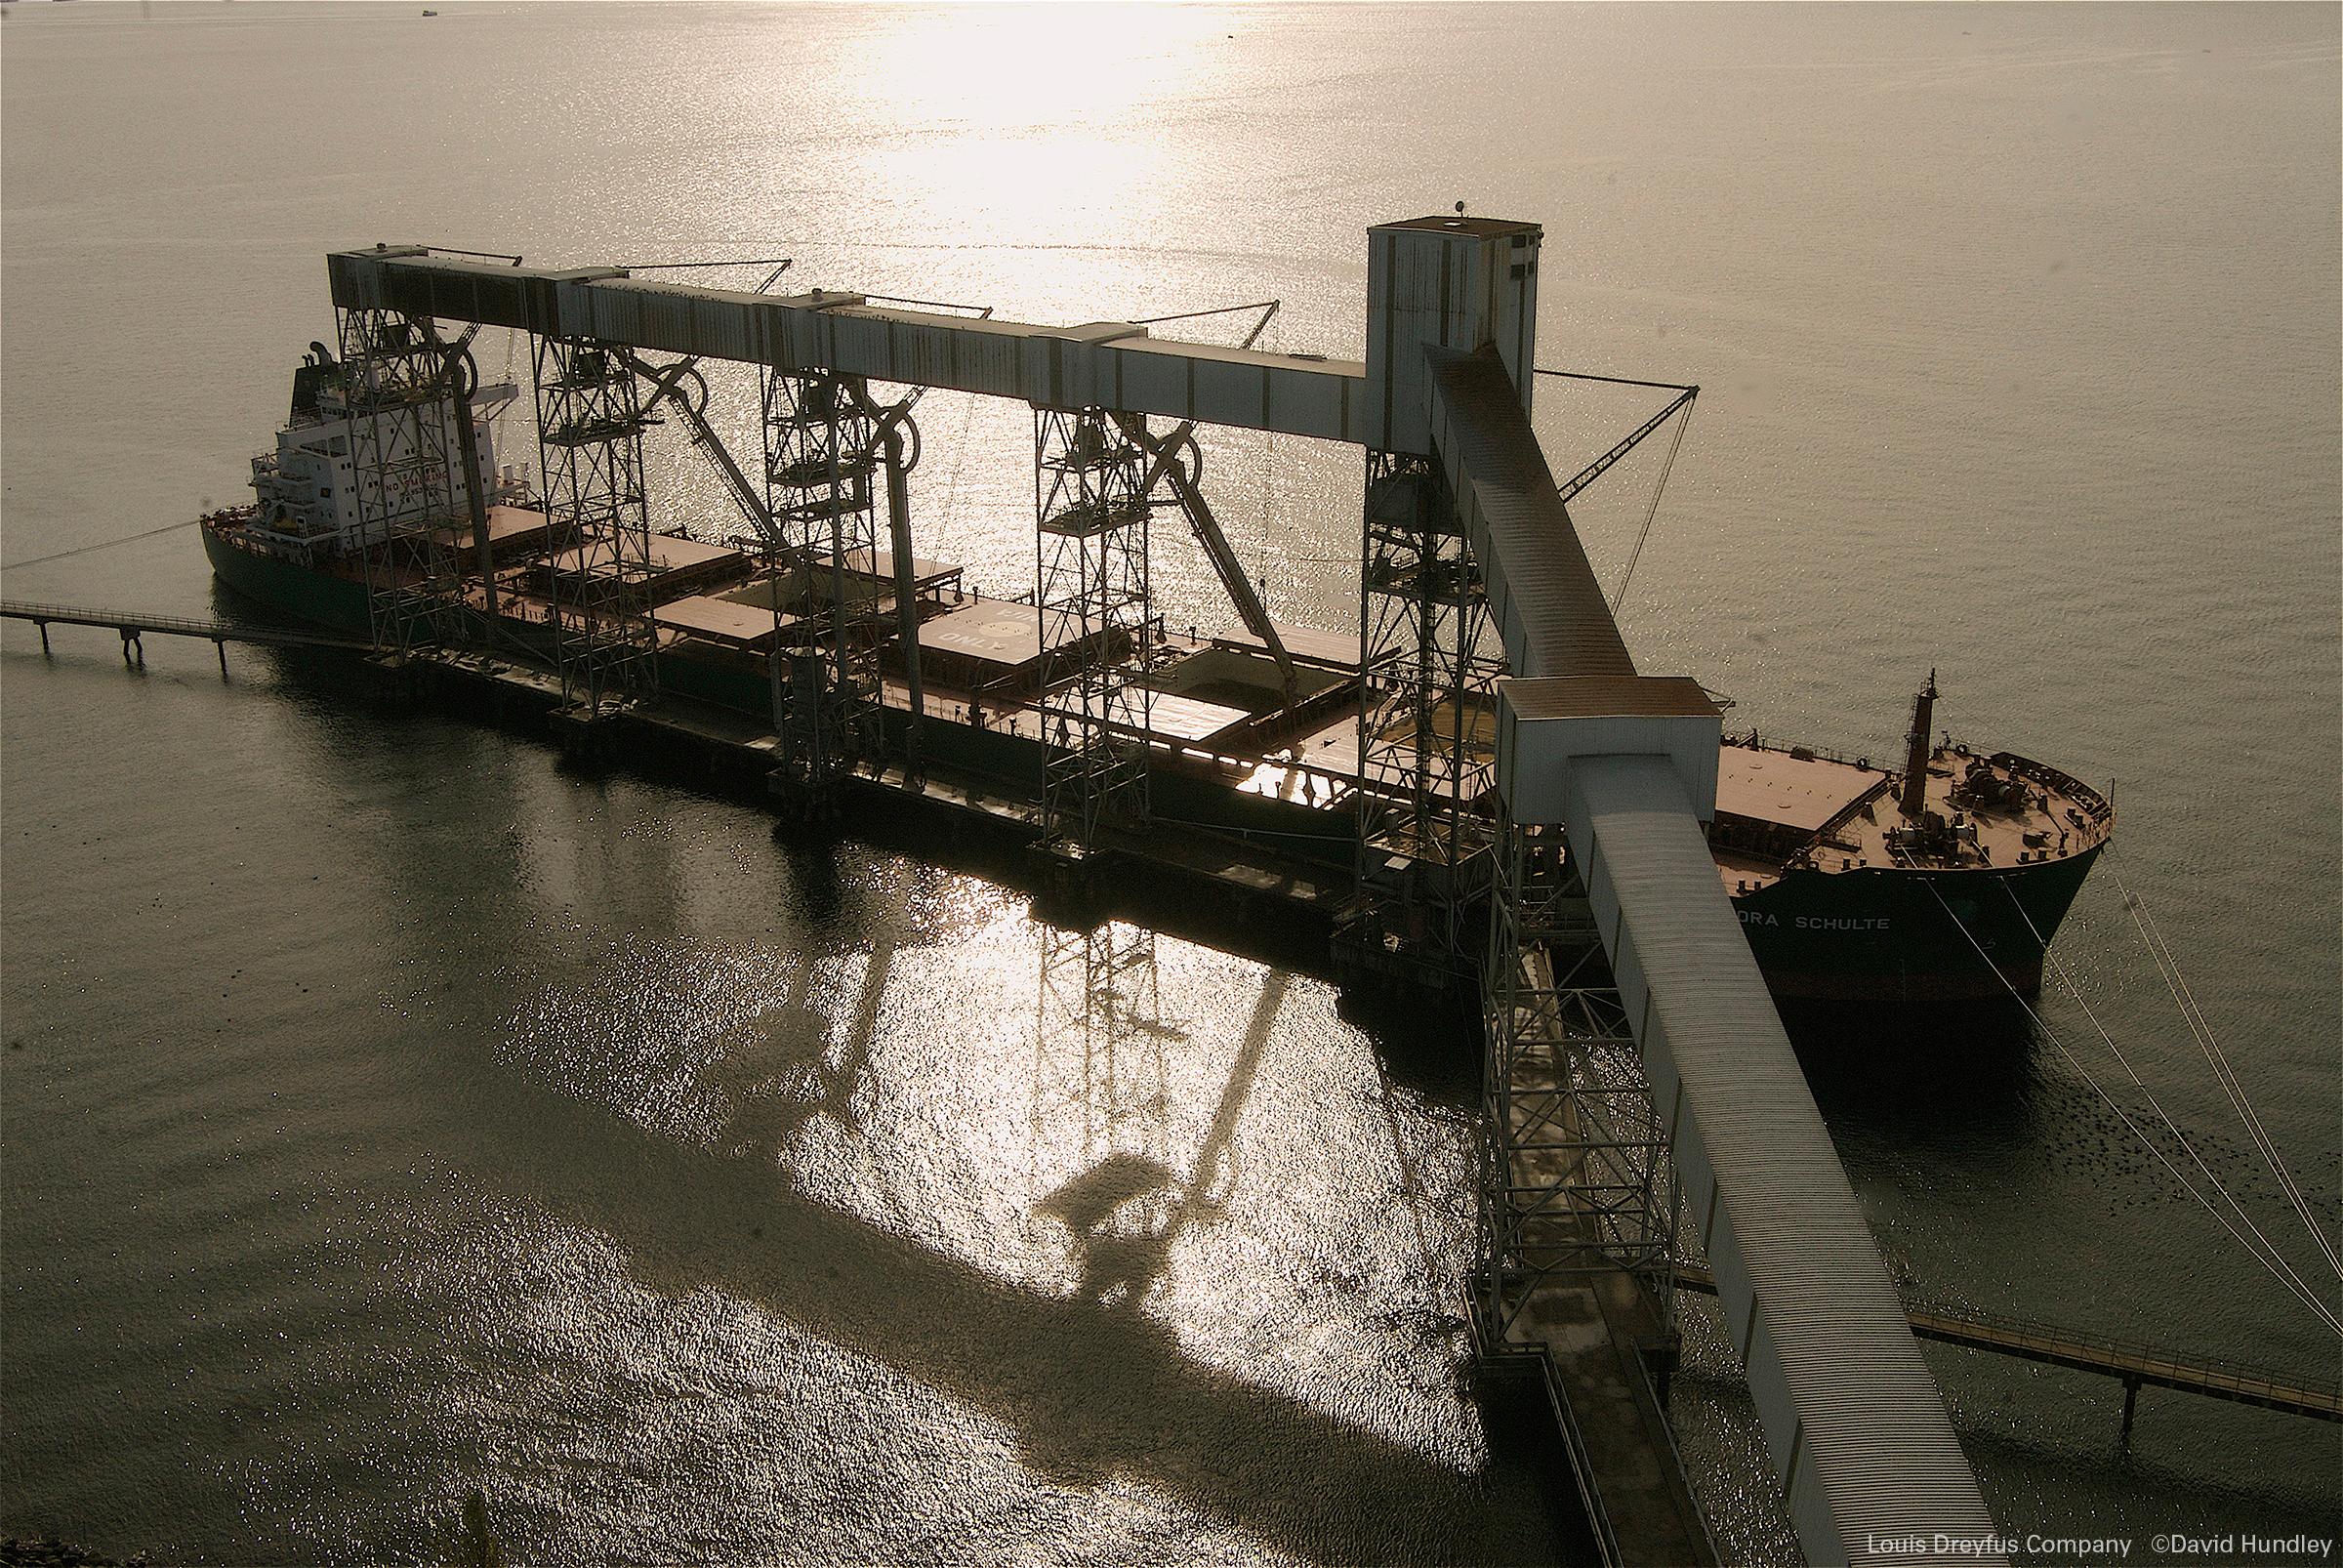 Louis Dreyfus cargo ship in Seattle